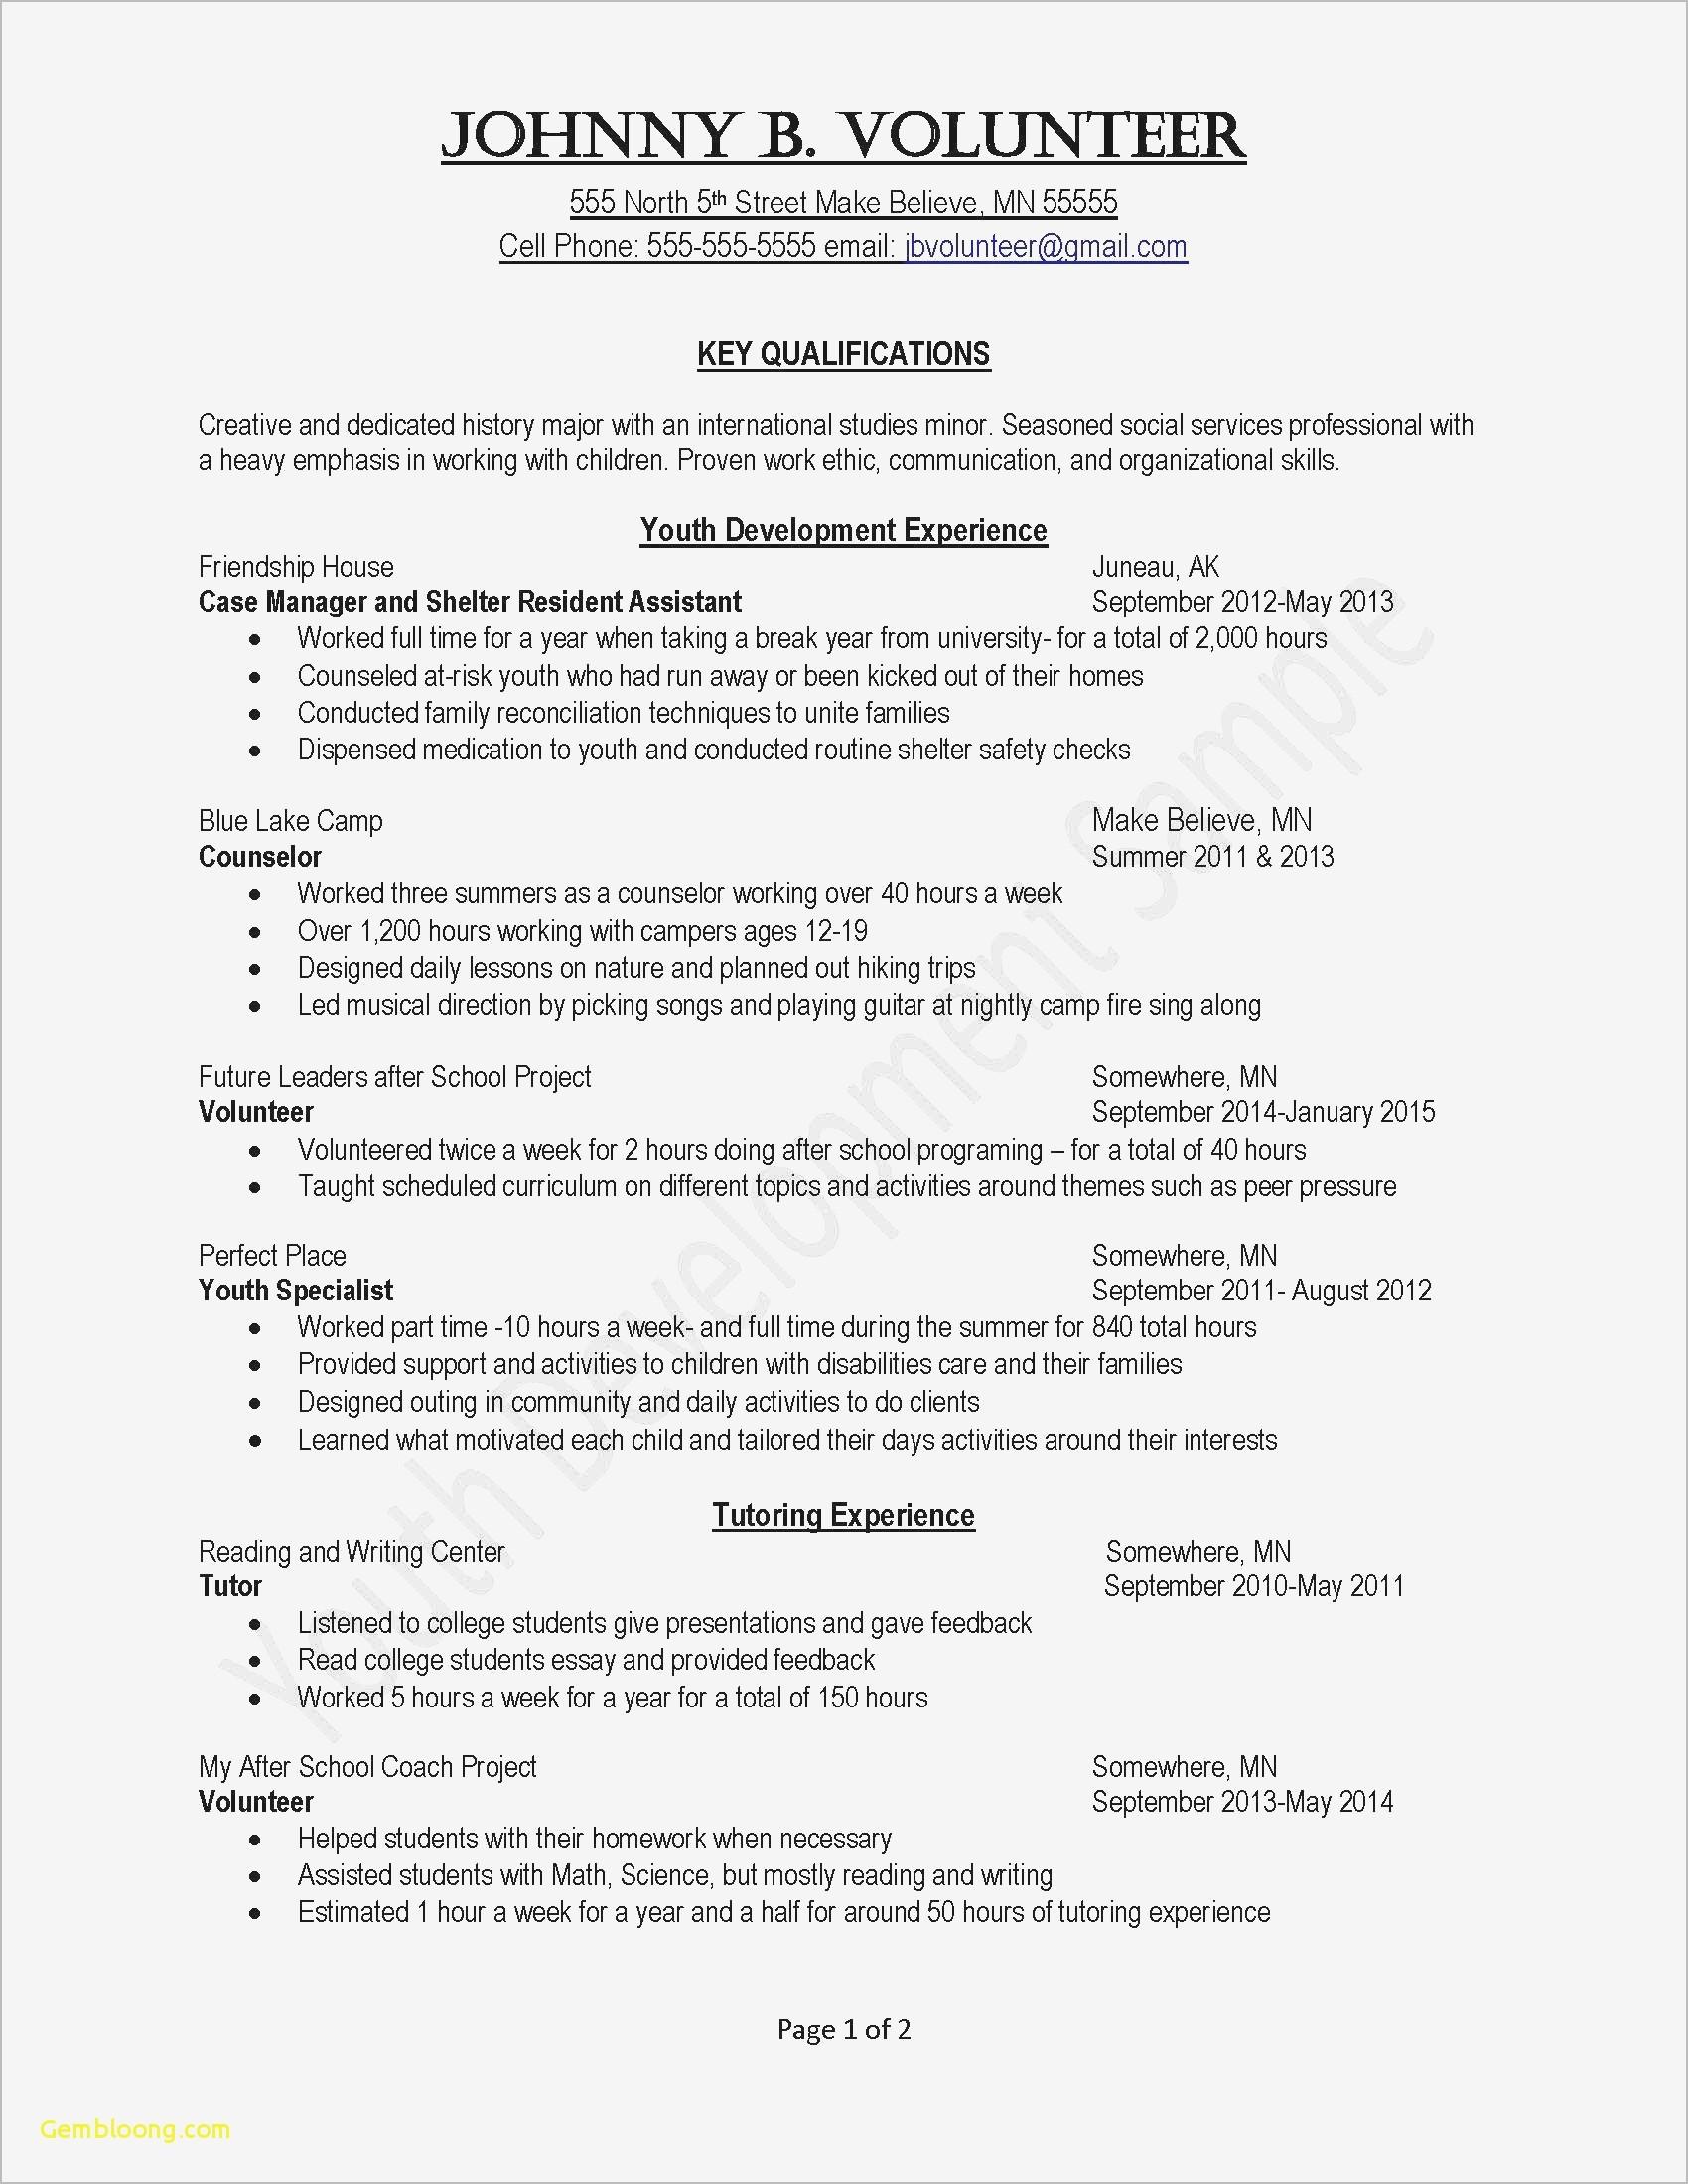 Job Cover Letter Template Word - Job Fer Letter Template Us Copy Od Consultant Cover Letter Fungram